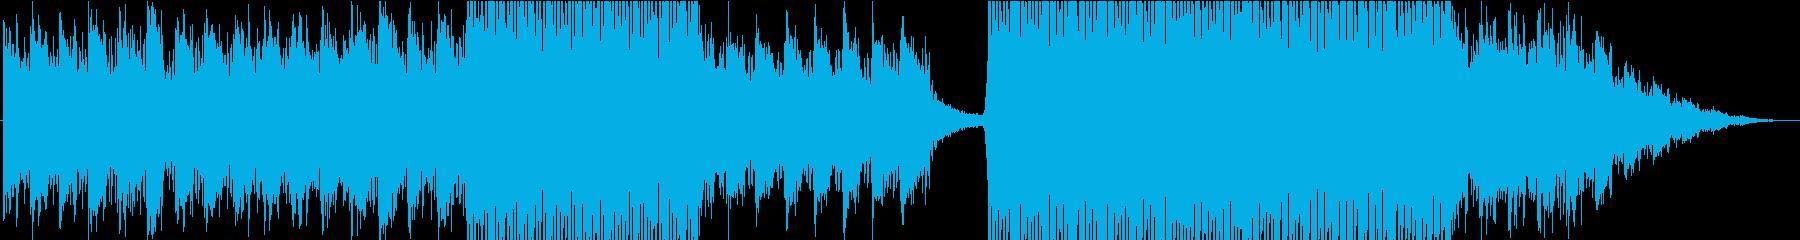 エレクトロ・EDMの再生済みの波形